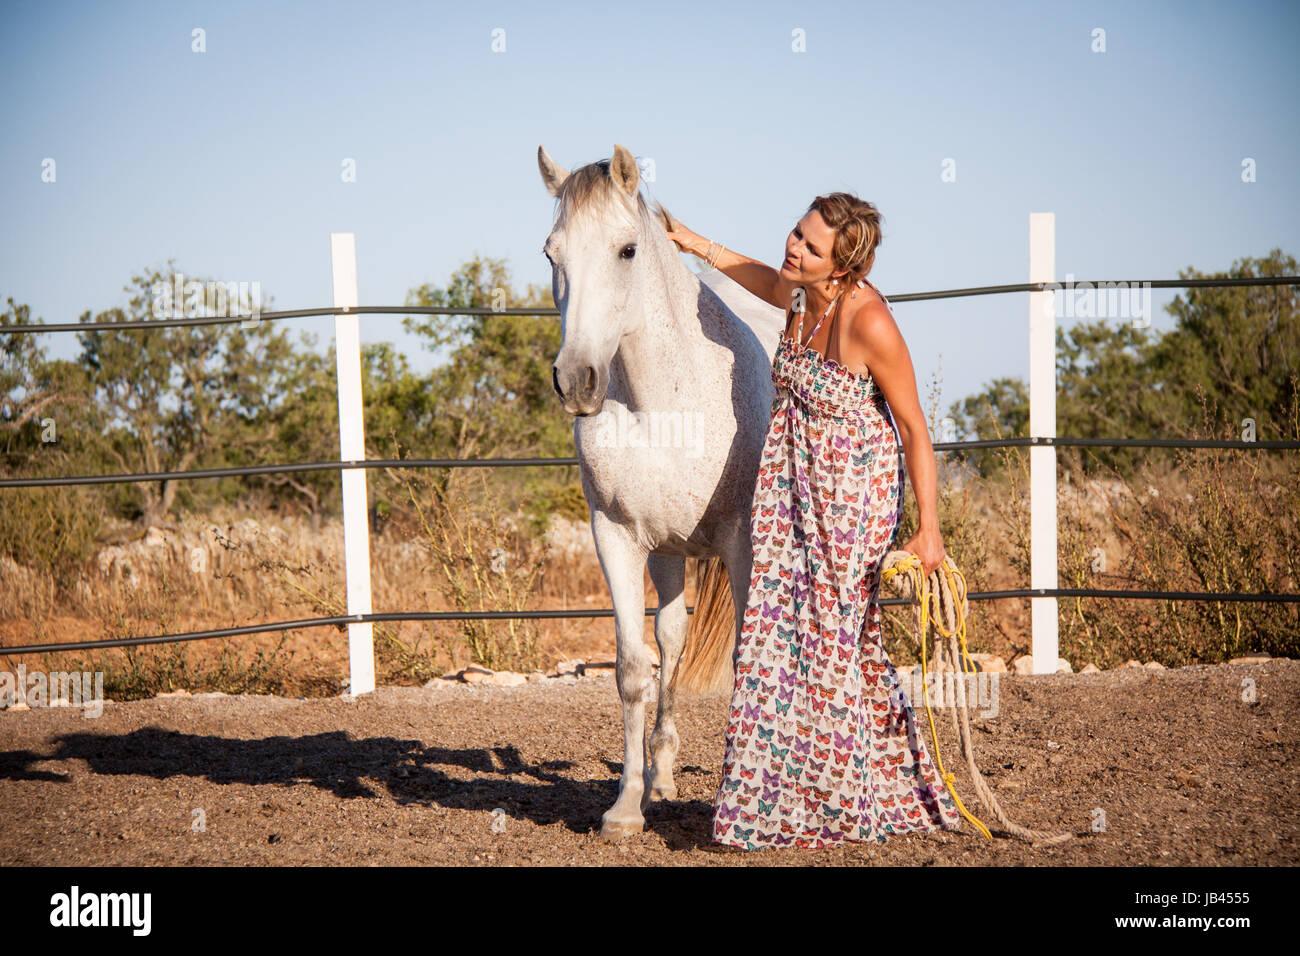 junge weibliche reiterin trainiert ihr pferd im freien im sommer pferderanch - Stock Image